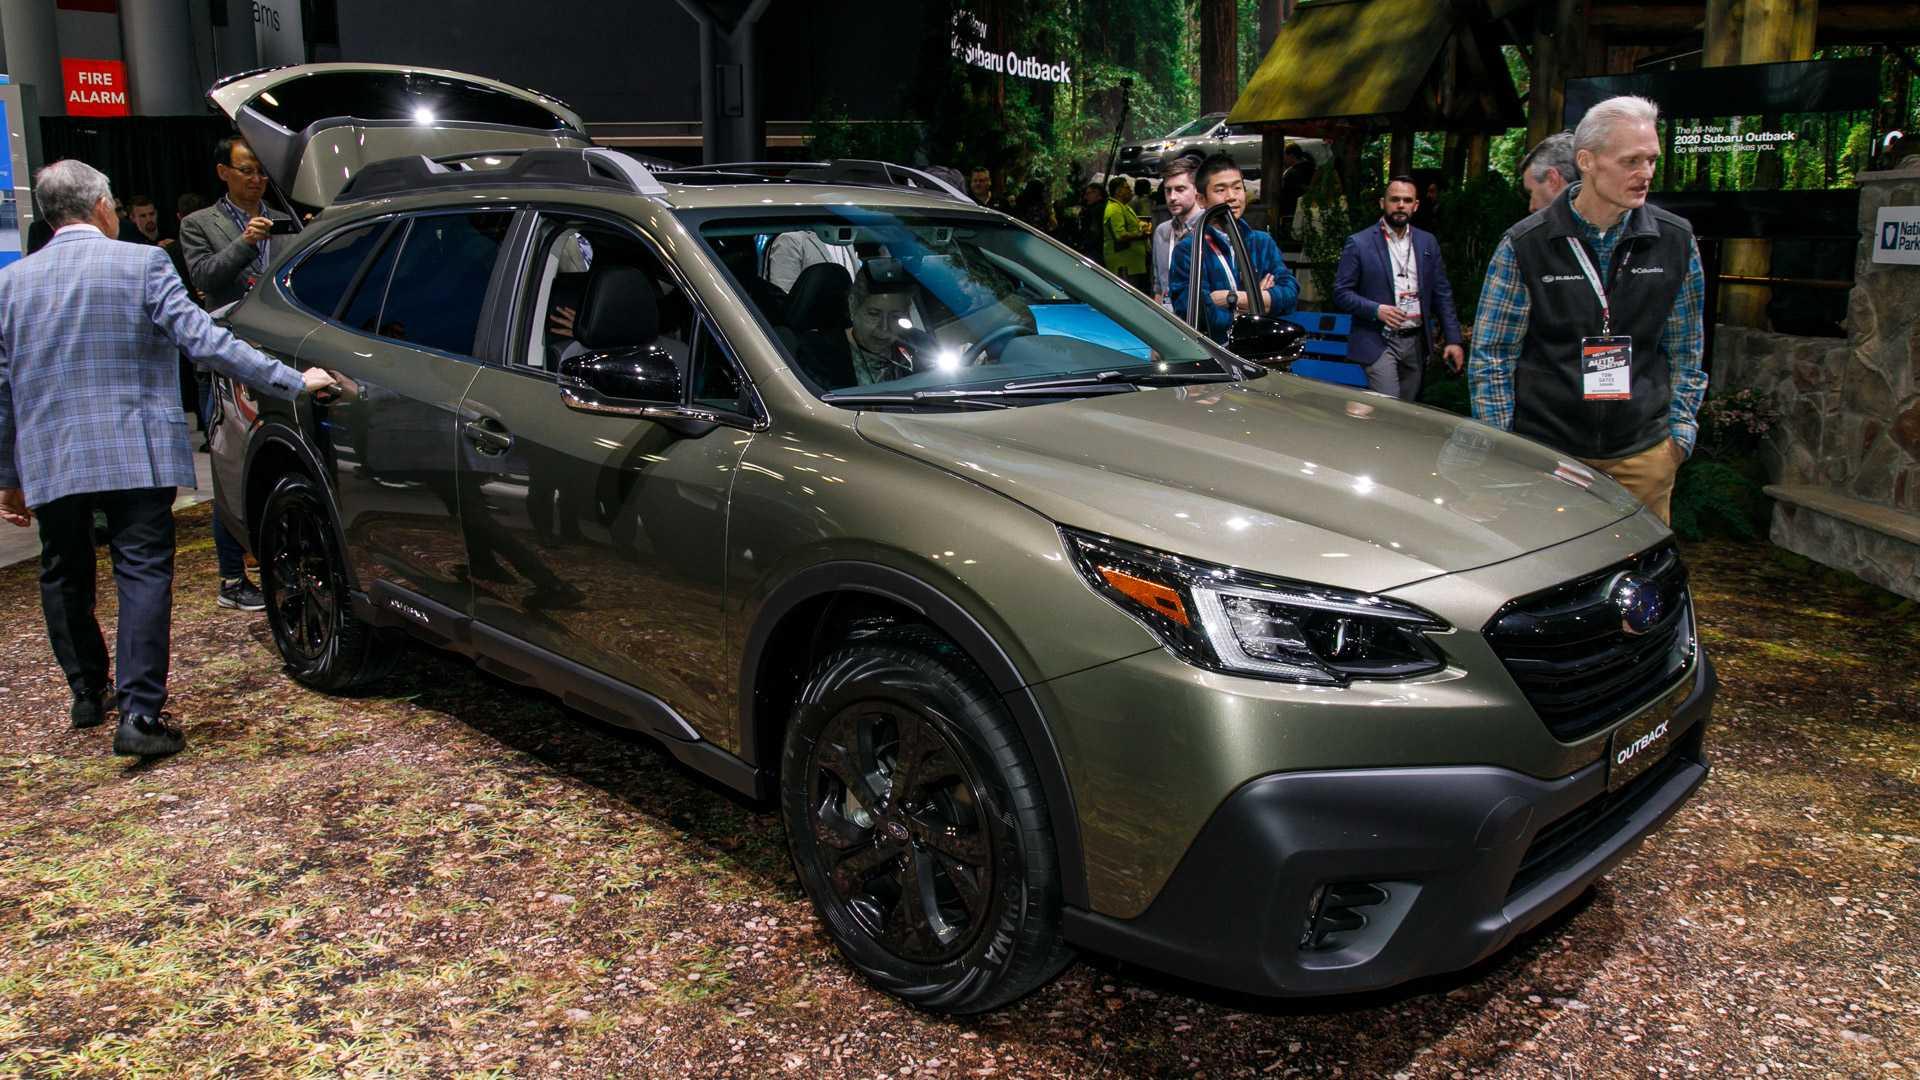 36 New Subaru Diesel 2020 Price for Subaru Diesel 2020